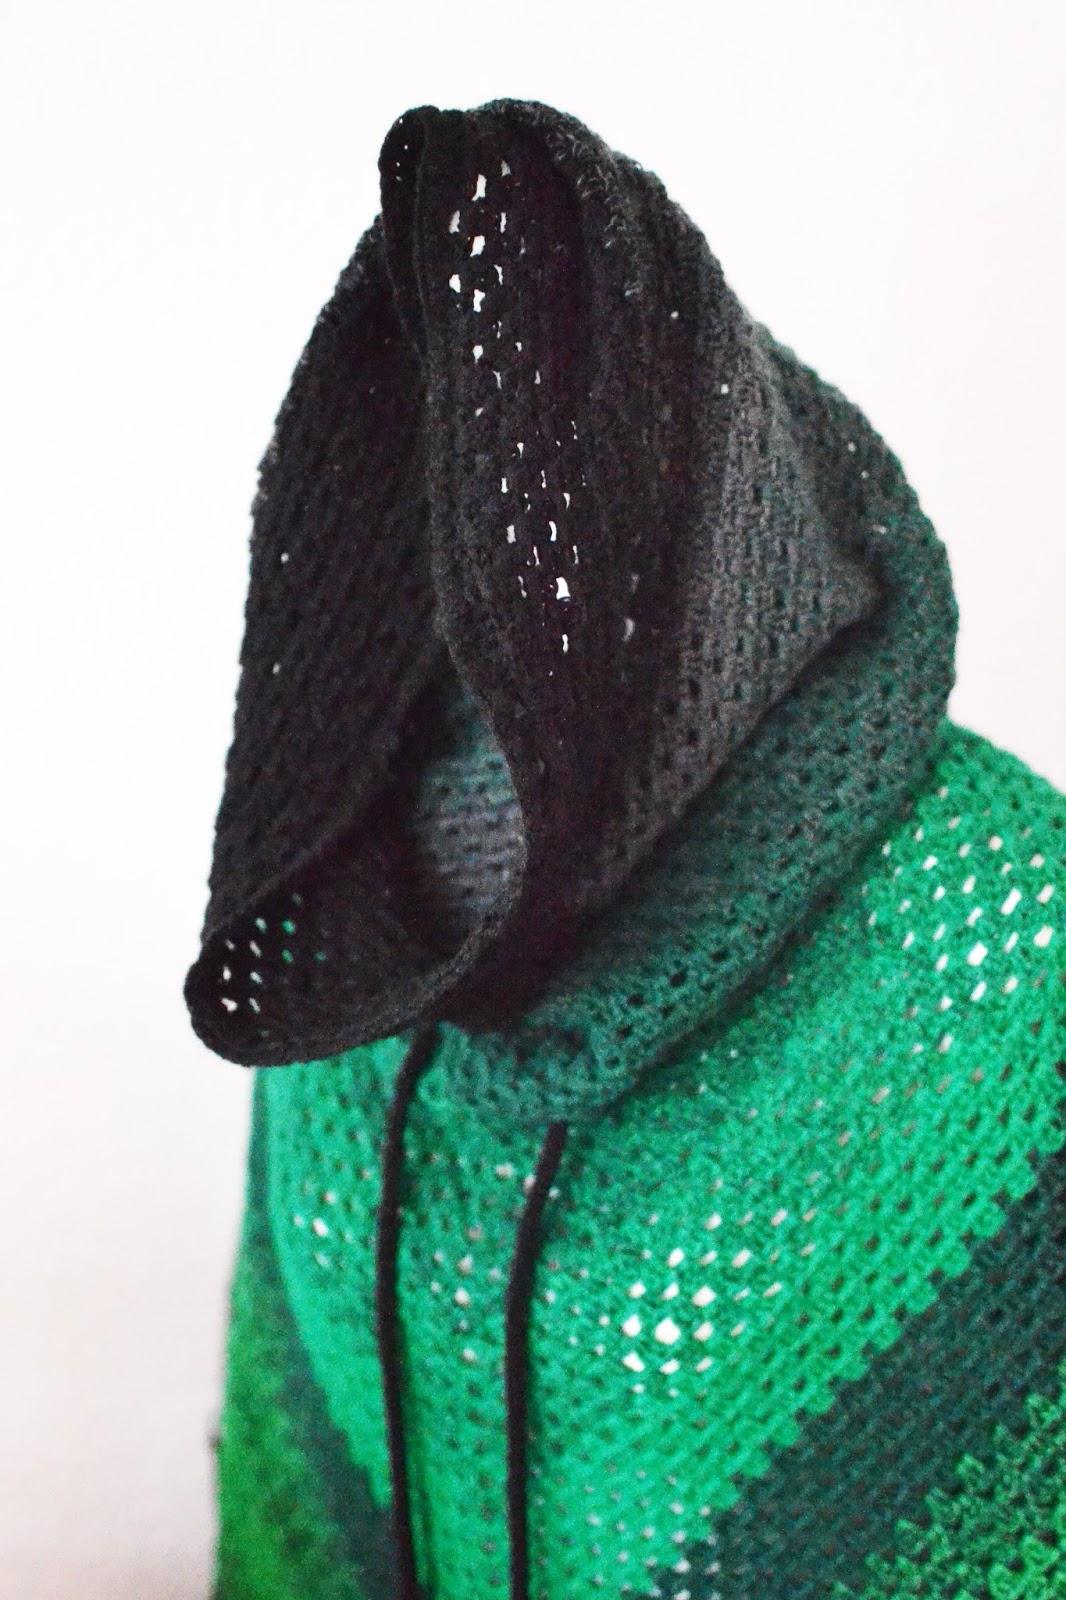 Wählen Sie für authentisch suche nach neuestem heiß-verkaufendes spätestes Anleitung Granny Poncho mit Kapuzenschal häkeln